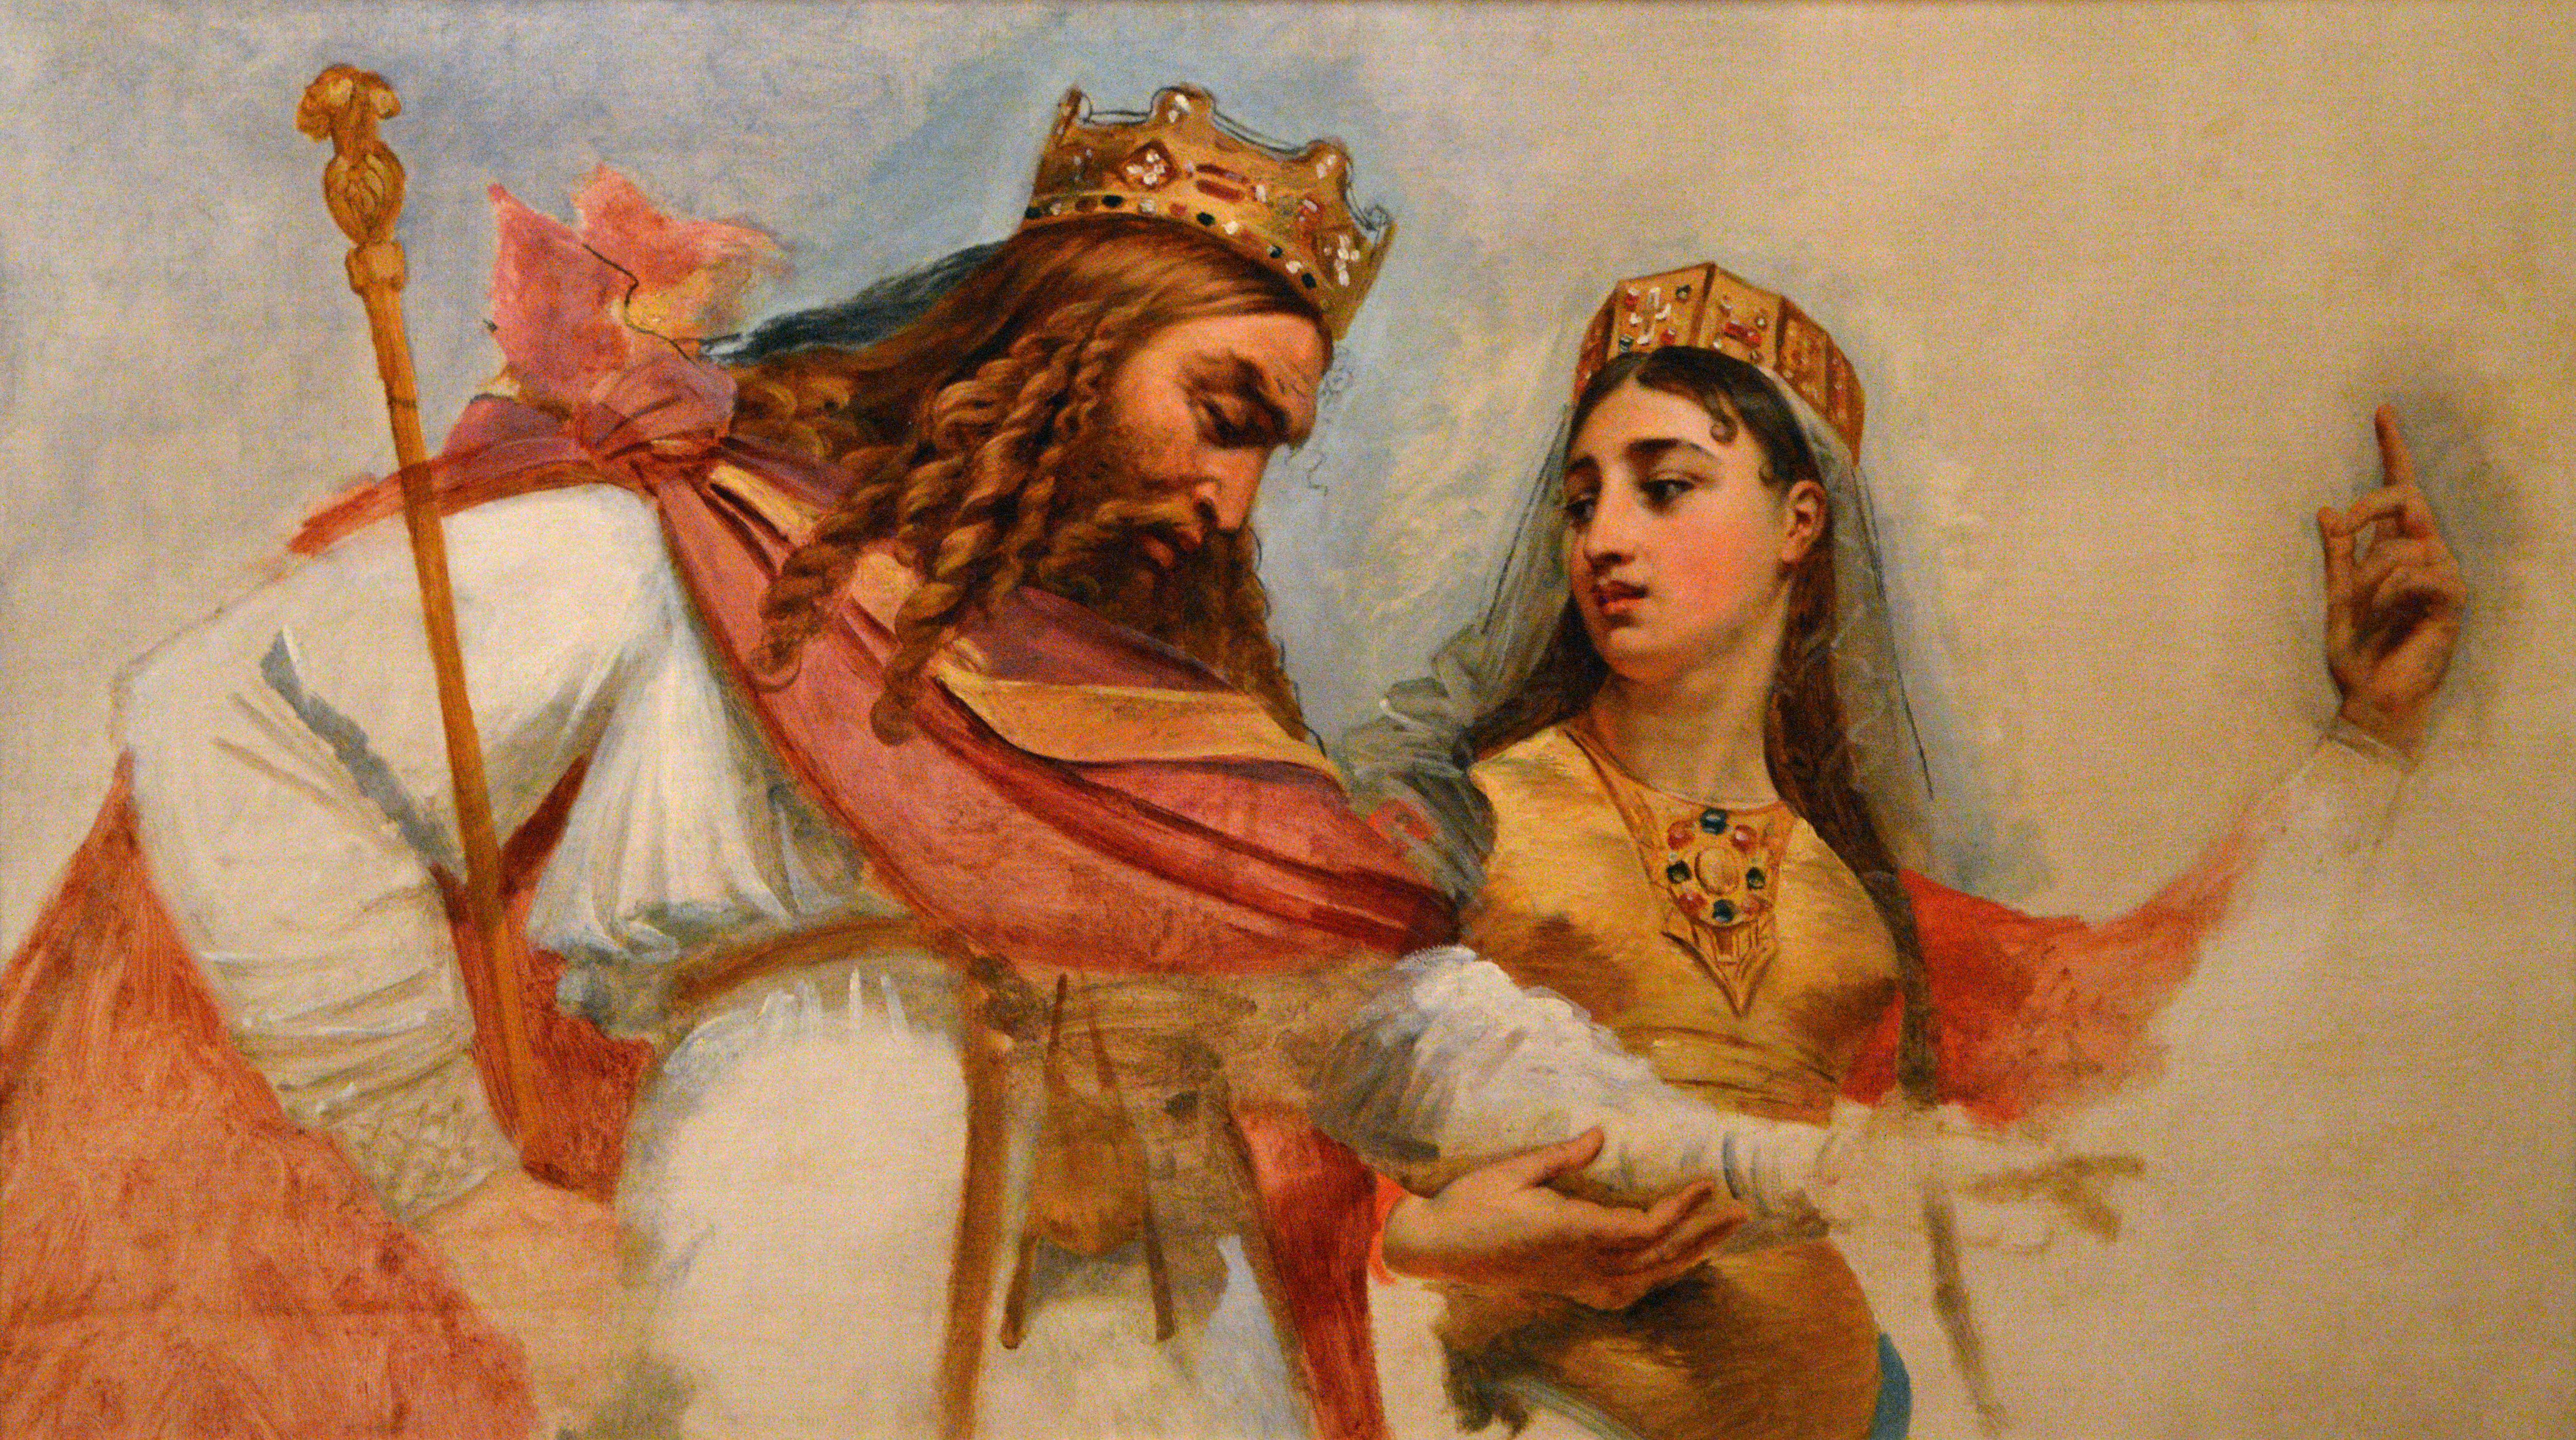 Painting of Clovis et Clotilde in court dressing.